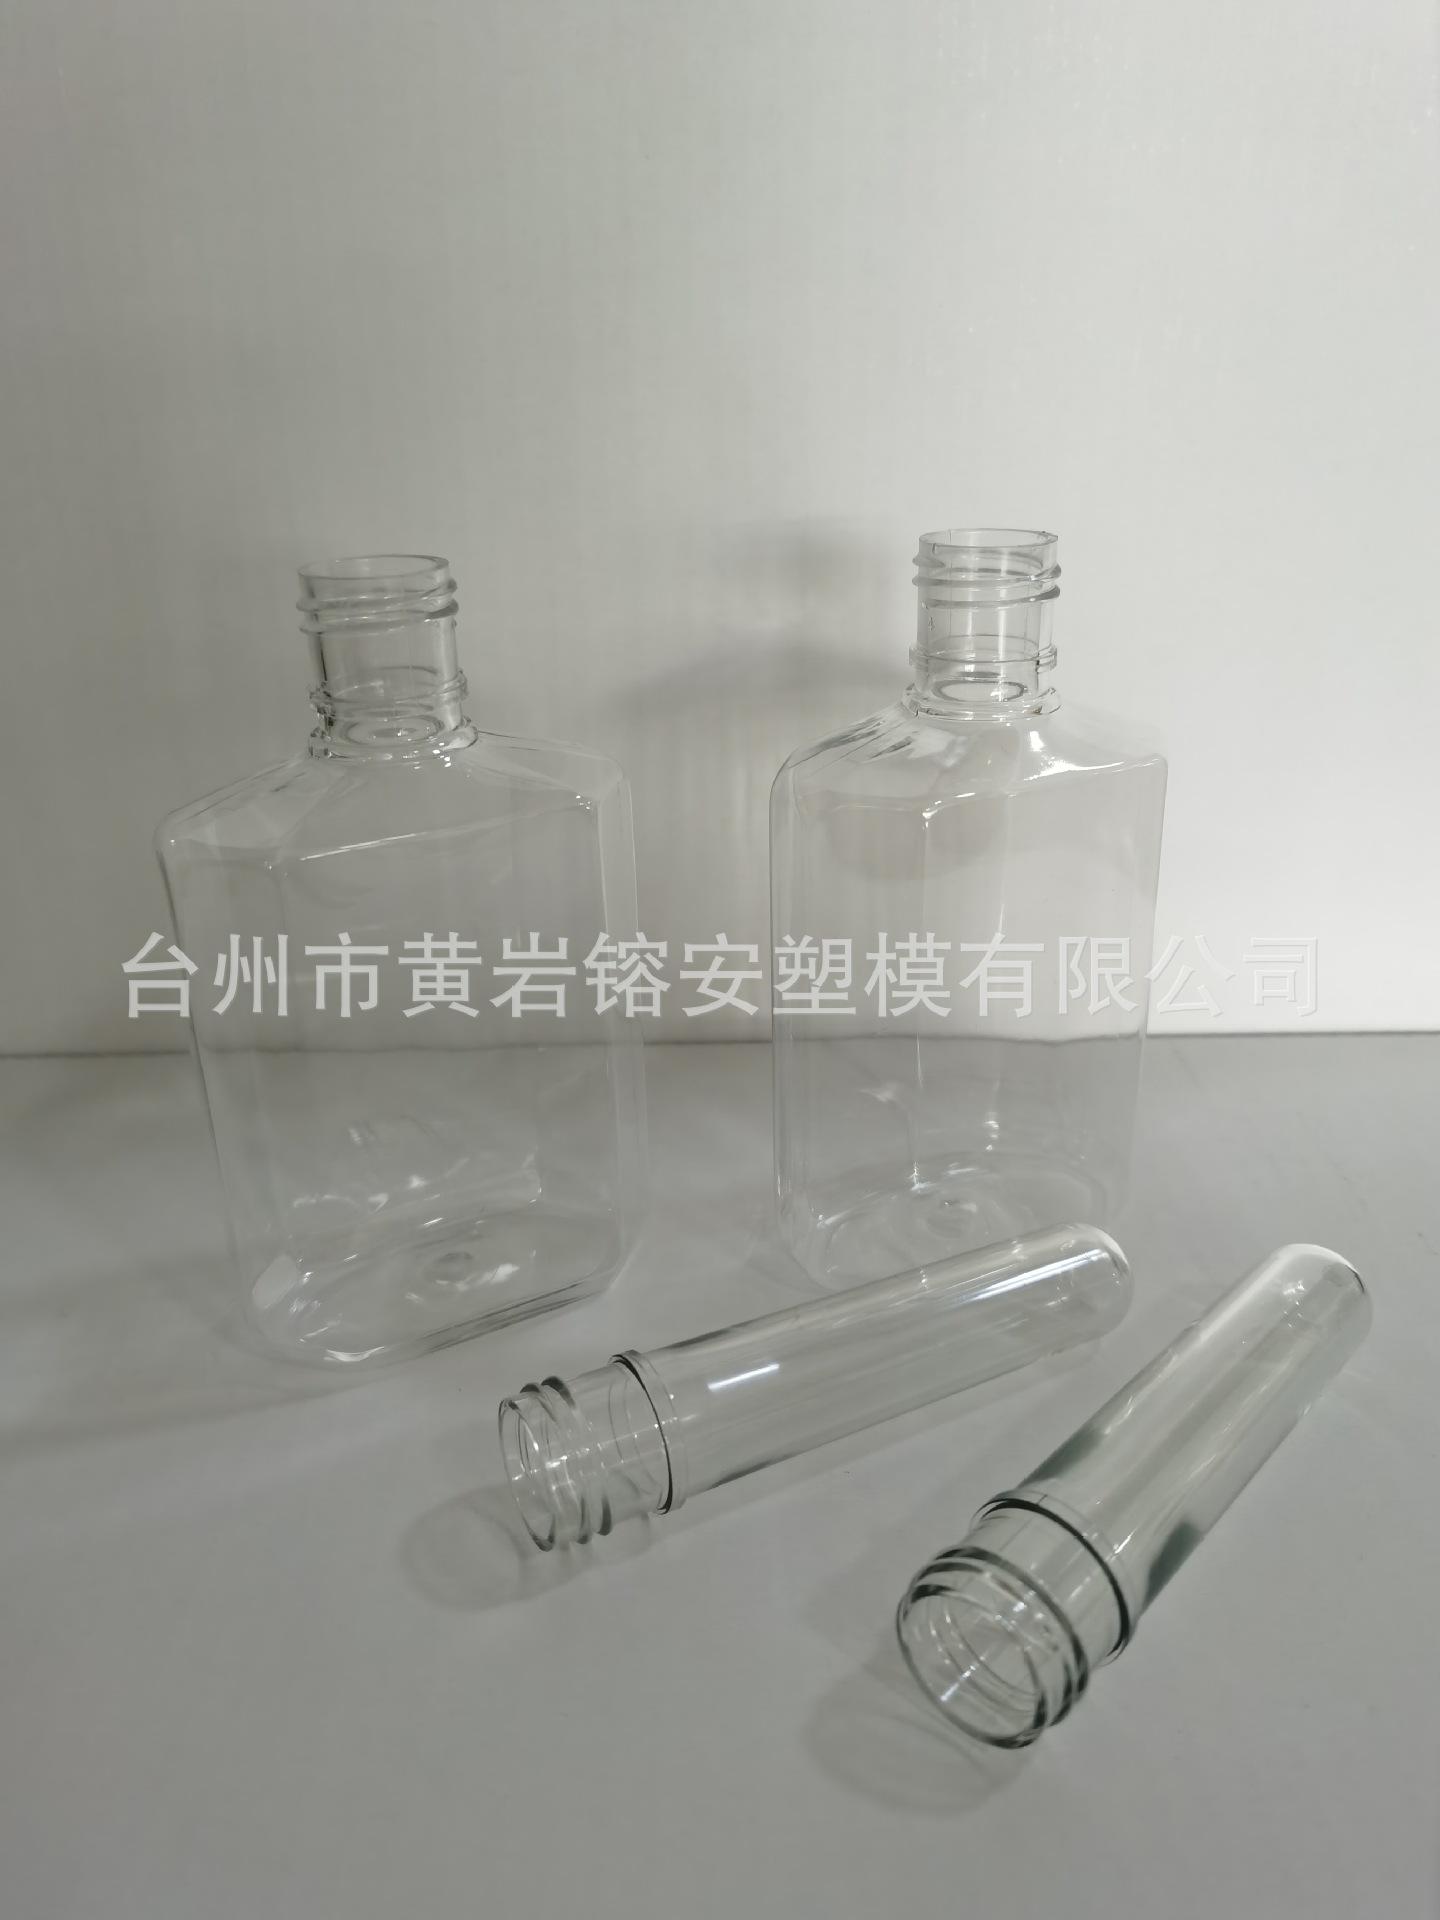 工厂直供各种口径PET管胚 100ML塑料瓶  PET包装瓶  酒精分装瓶